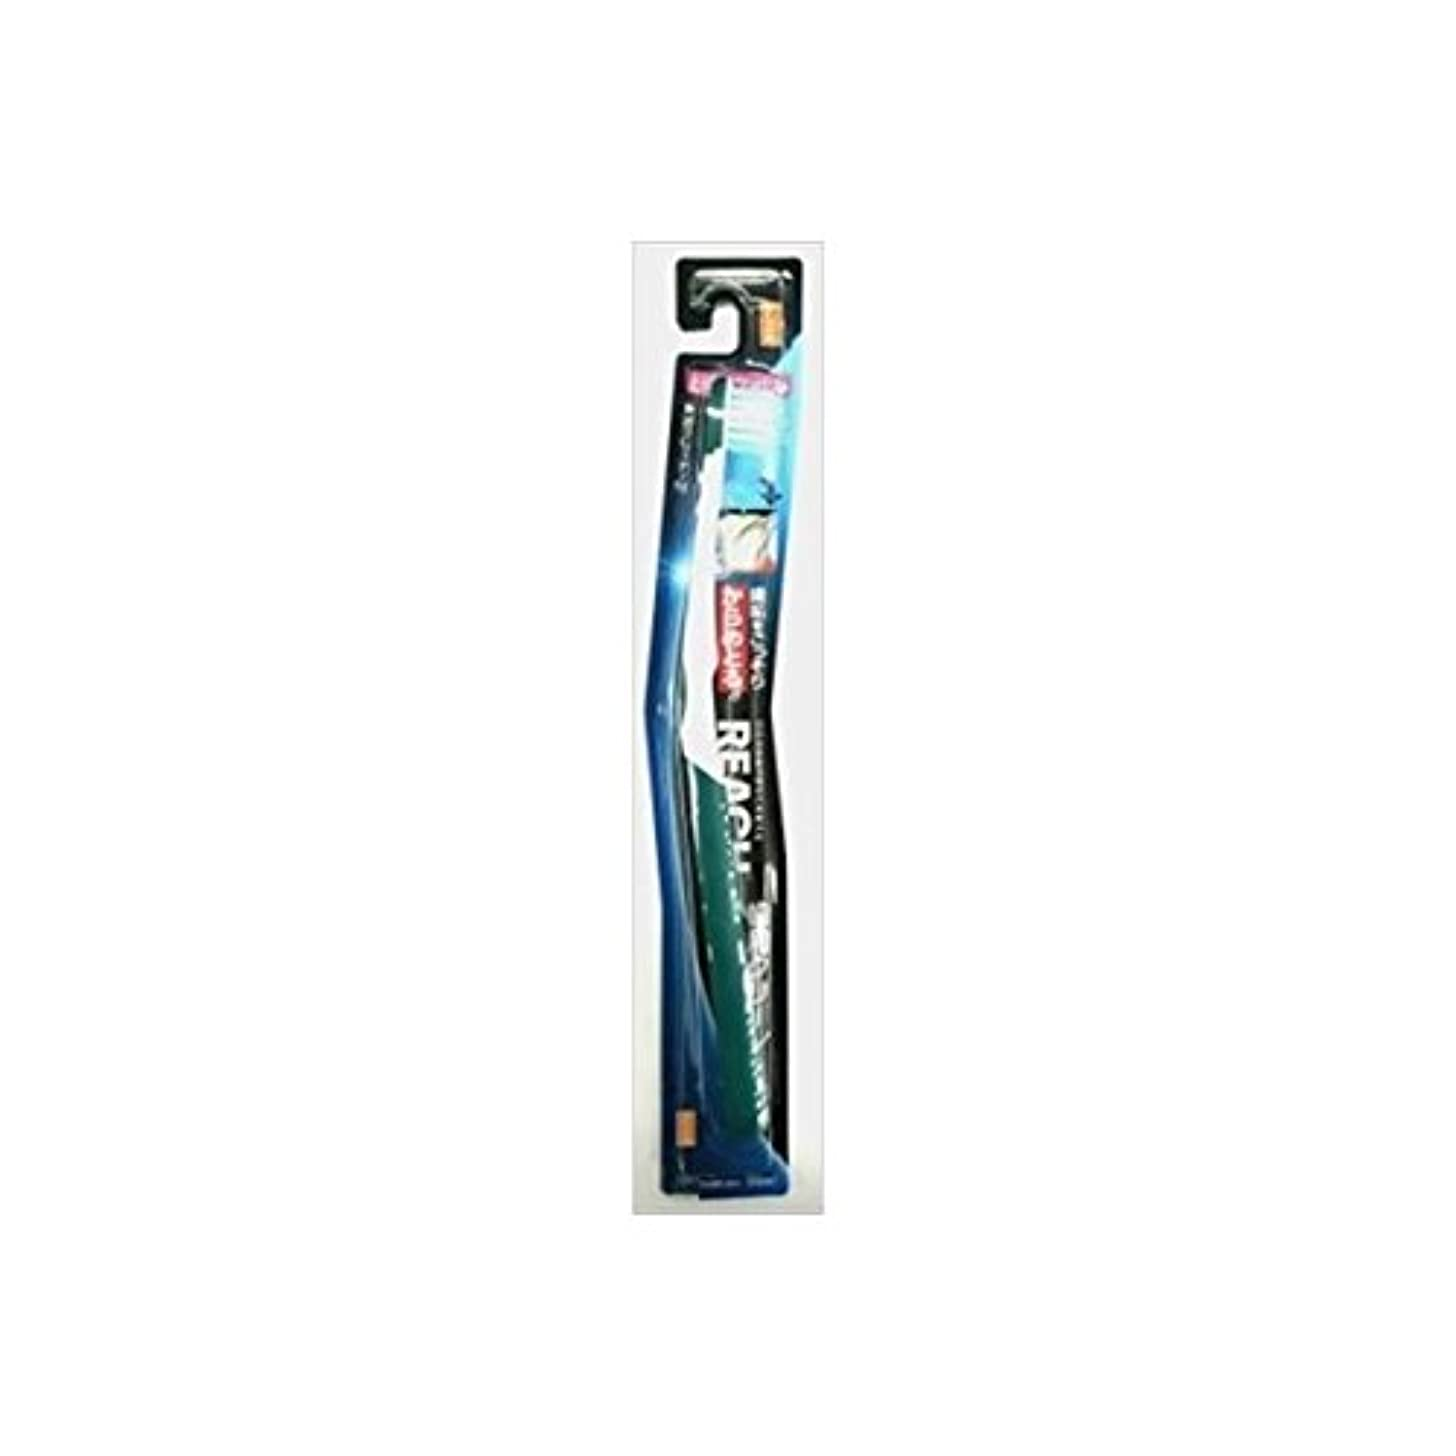 理容師アイザック郵便銀座ステファニー リーチ 歯周クリーン とってもコンパクト やわらかめ × 5 点セット ds-2001351